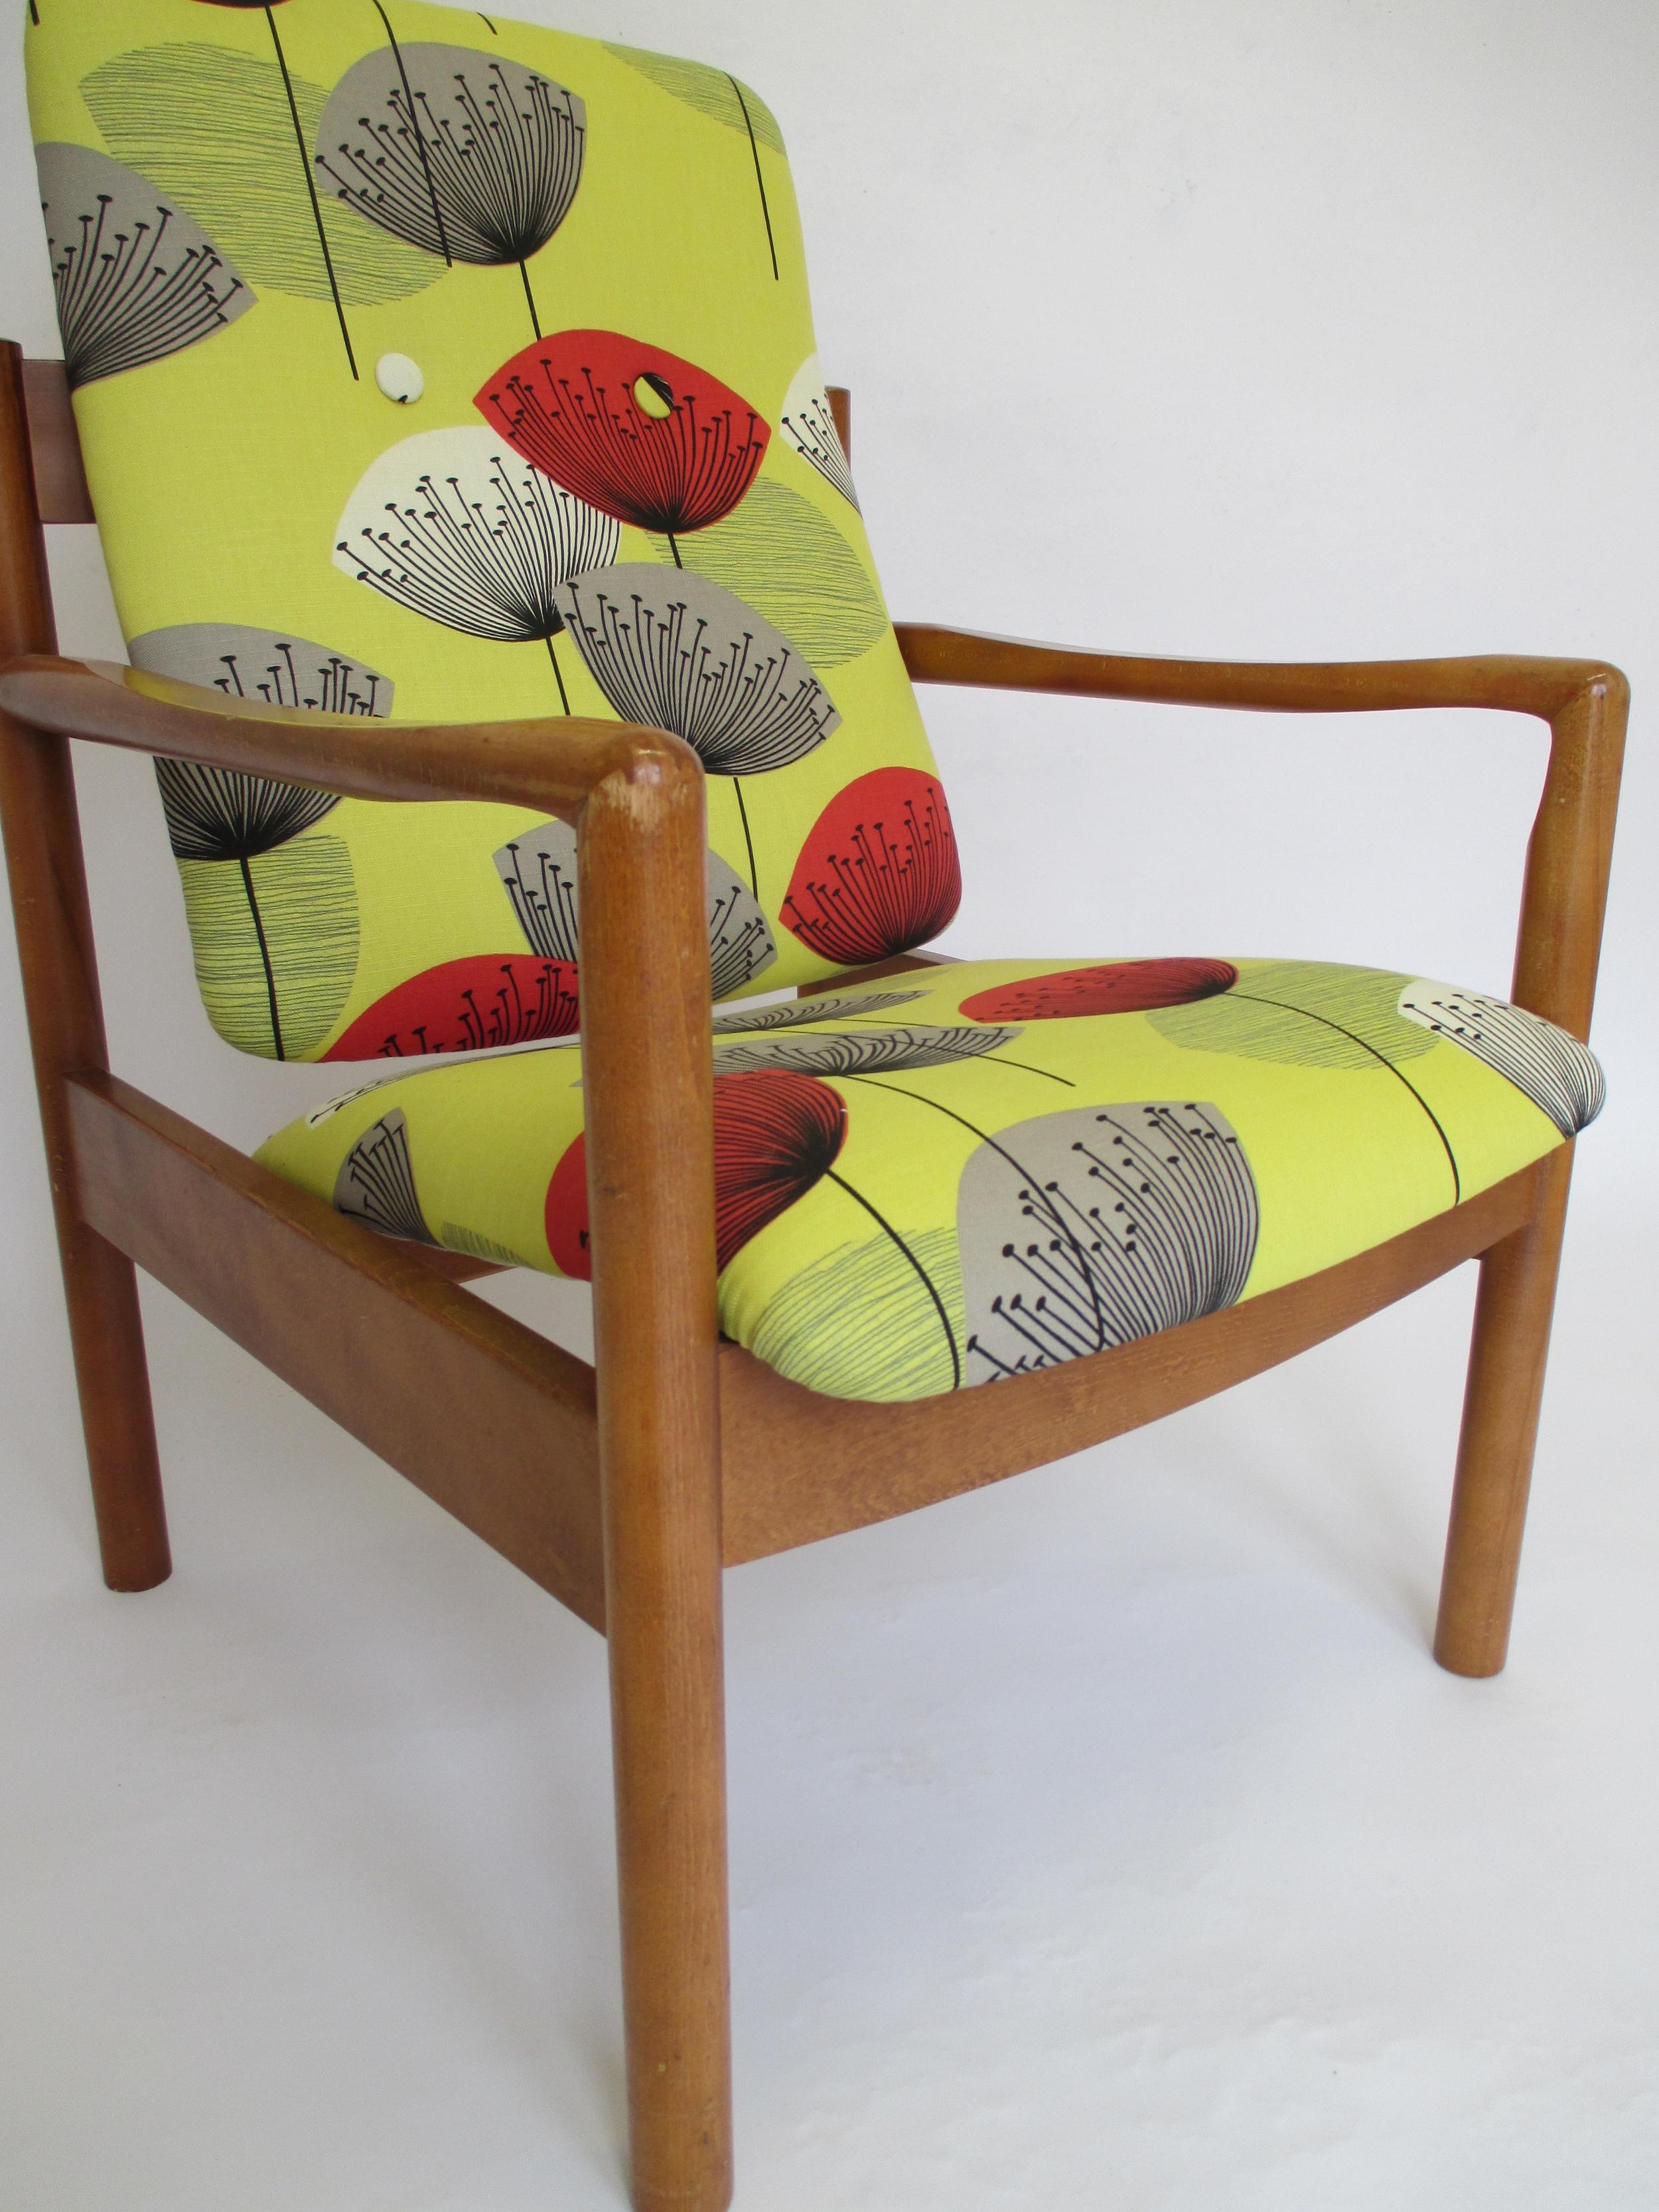 A classic textile design by Sanderson